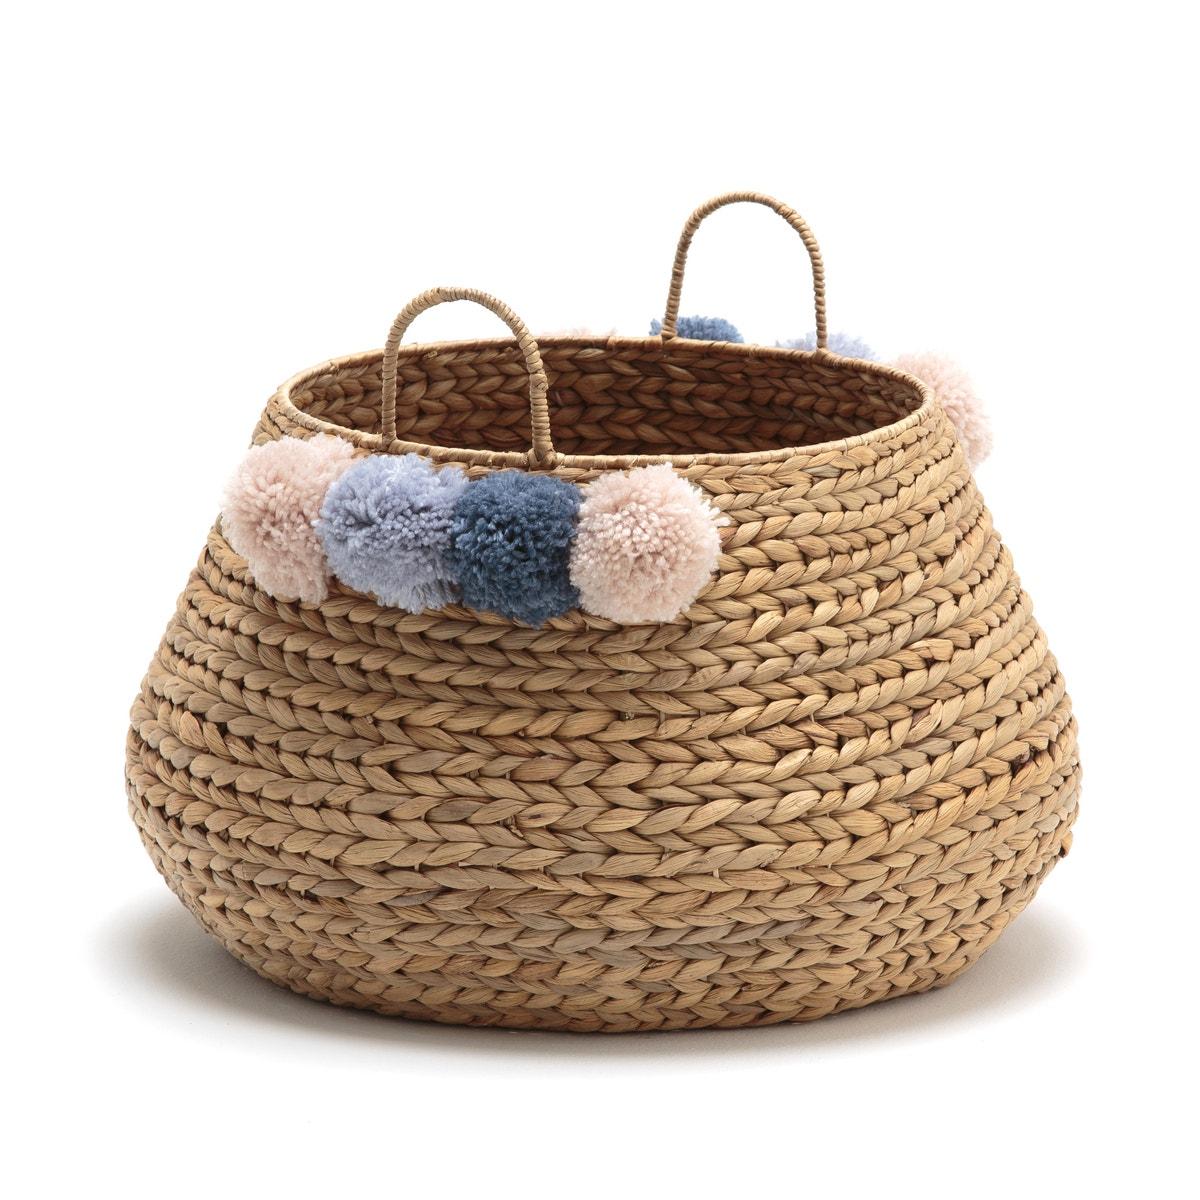 Ikoya Woven Basket